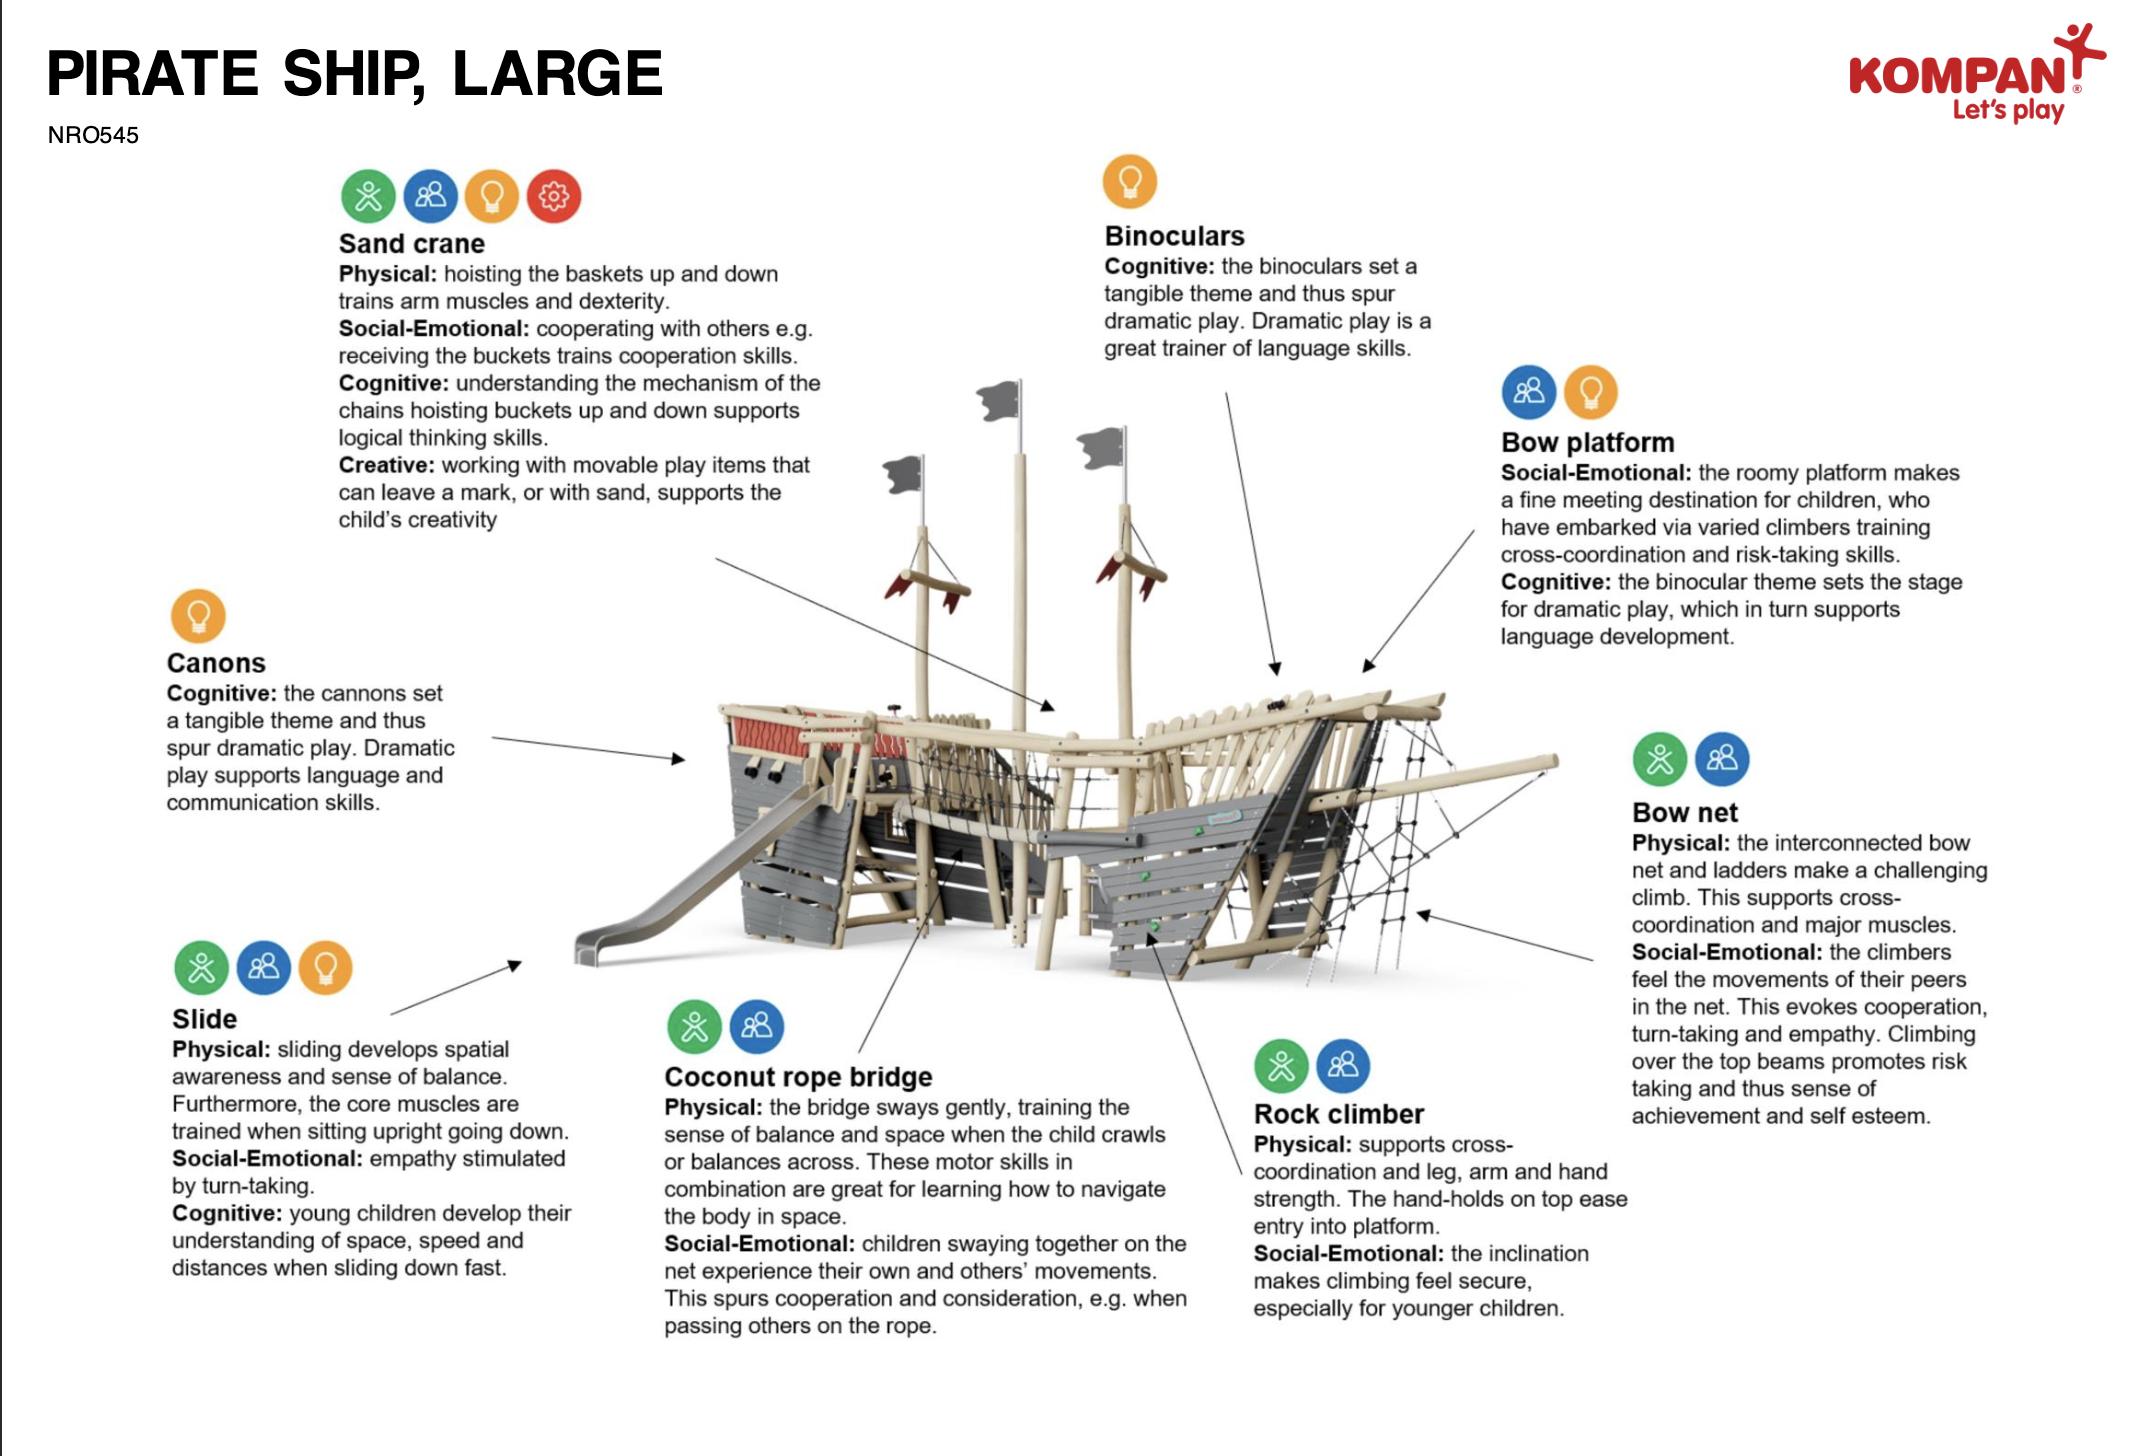 KOMPAN Pirate Ship